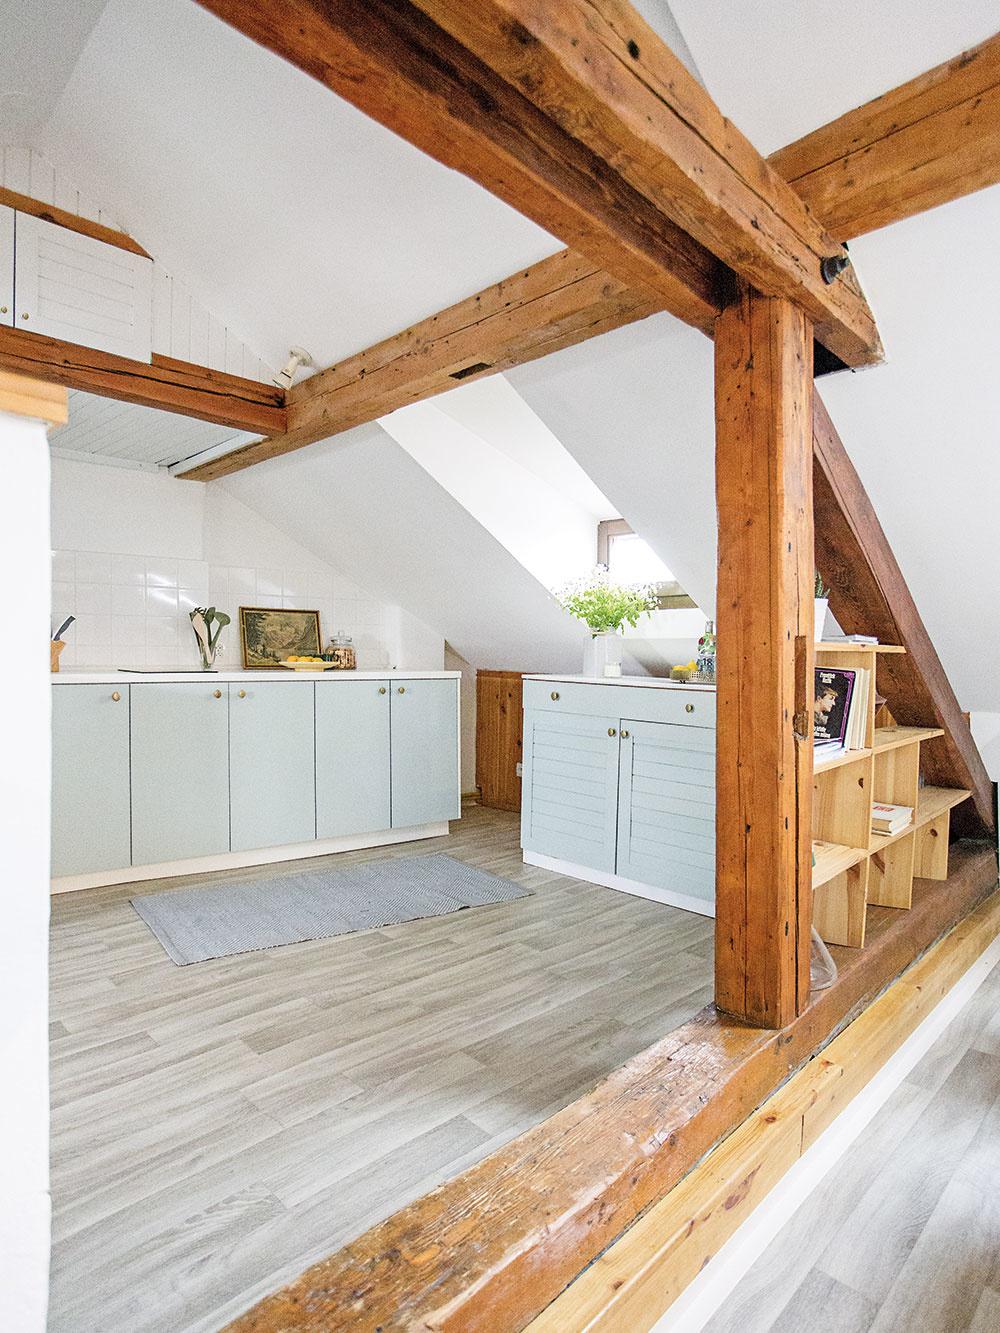 Jemné pastelové tóny určujú charakter celého interiéru. Pôvodne biele dvierka kuchynskej linky natrel dizajnér sivozelenou farbou, ktorú využil aj v ďalších priestoroch bytu.